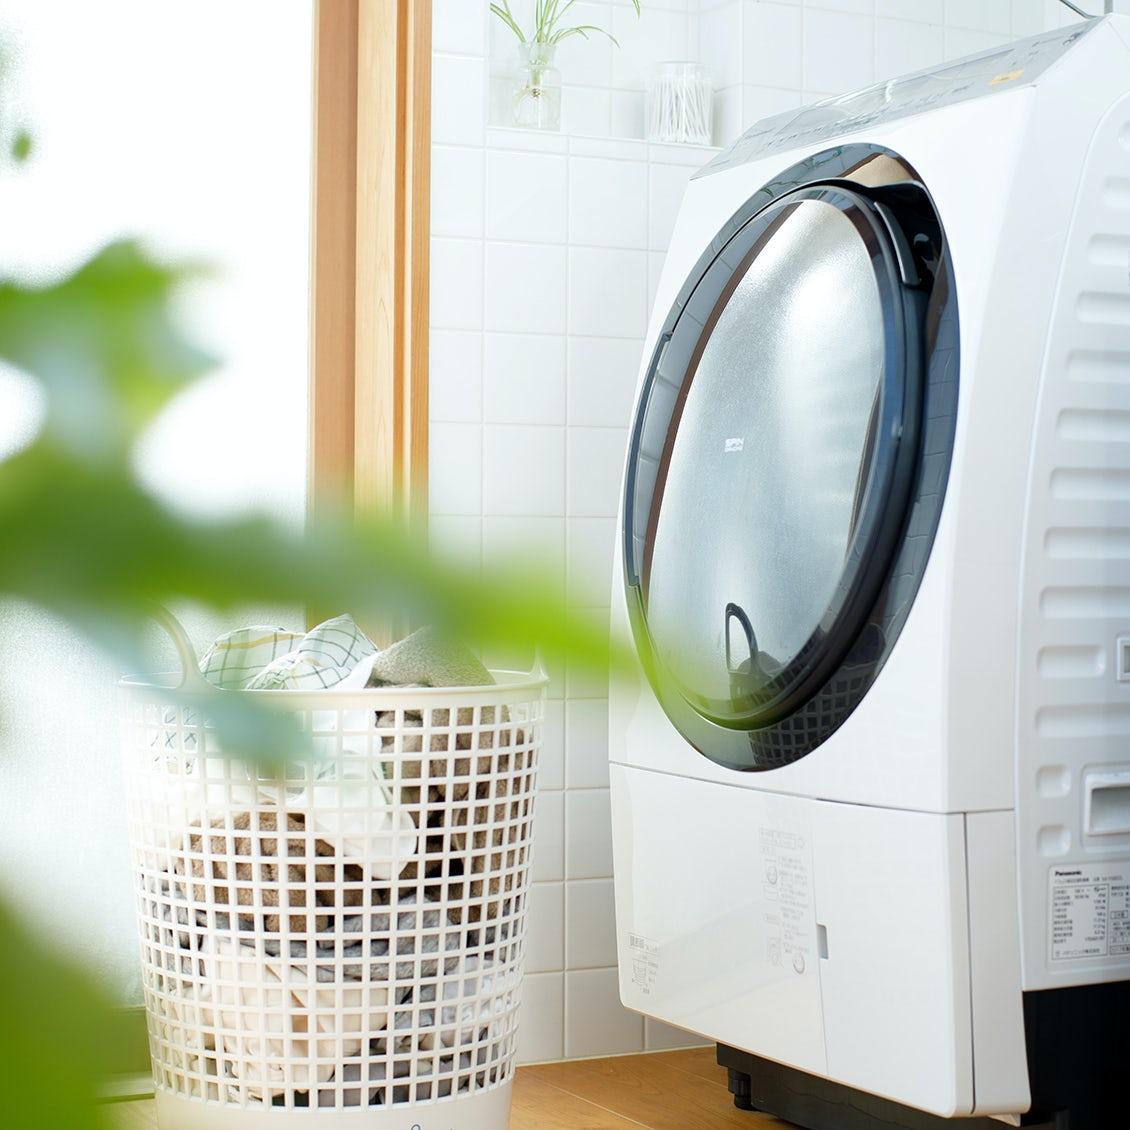 【これからの洗剤選び】この30年で大きく変わった、私たちの衣類と洗濯のこと